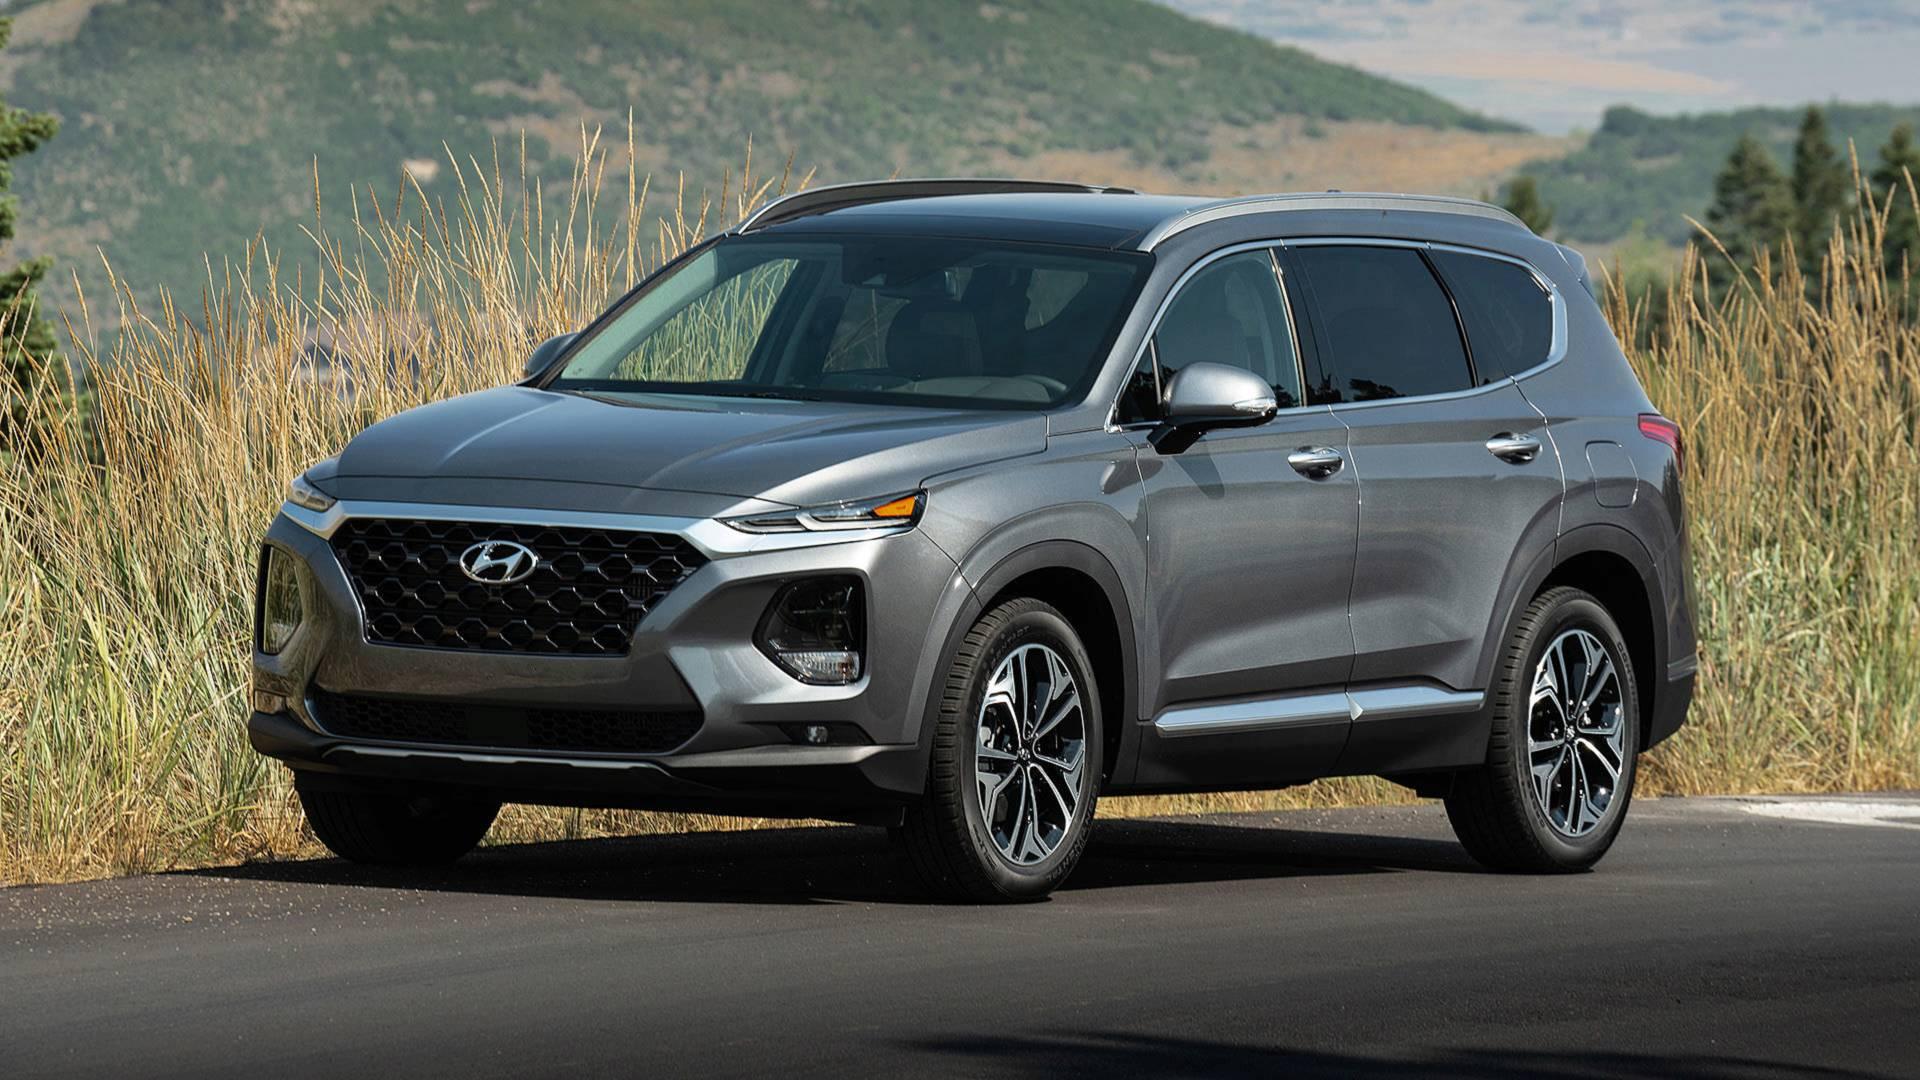 Bảng giá xe ô tô Hyundai mới nhất tháng 4/2019: Santa Fe 2019 thế hệ mới giá từ 995 triệu đồng  - Ảnh 1